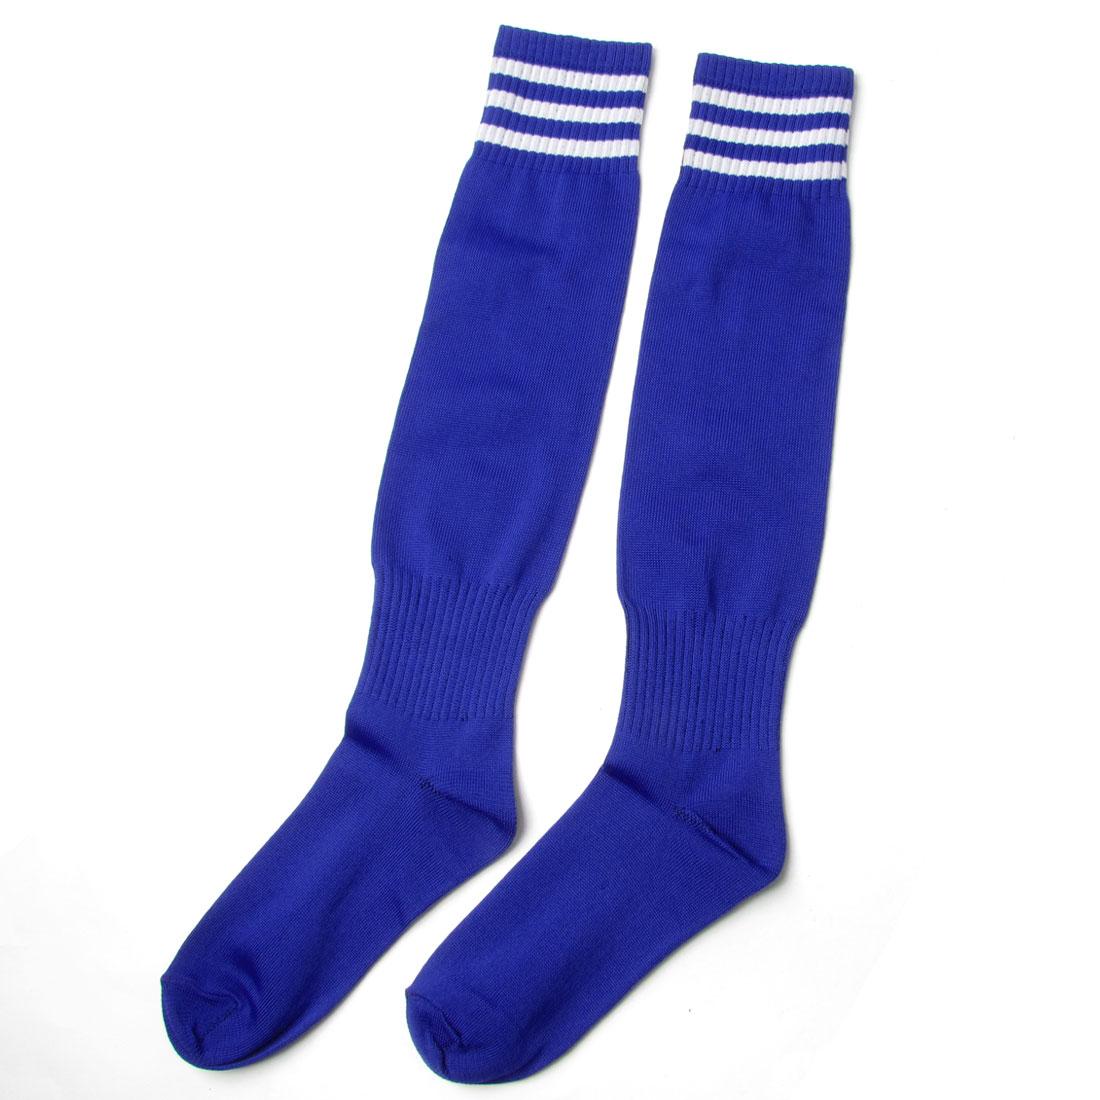 Pair White Bar Stripe Blue Elastic Football Socks Stockings for Children